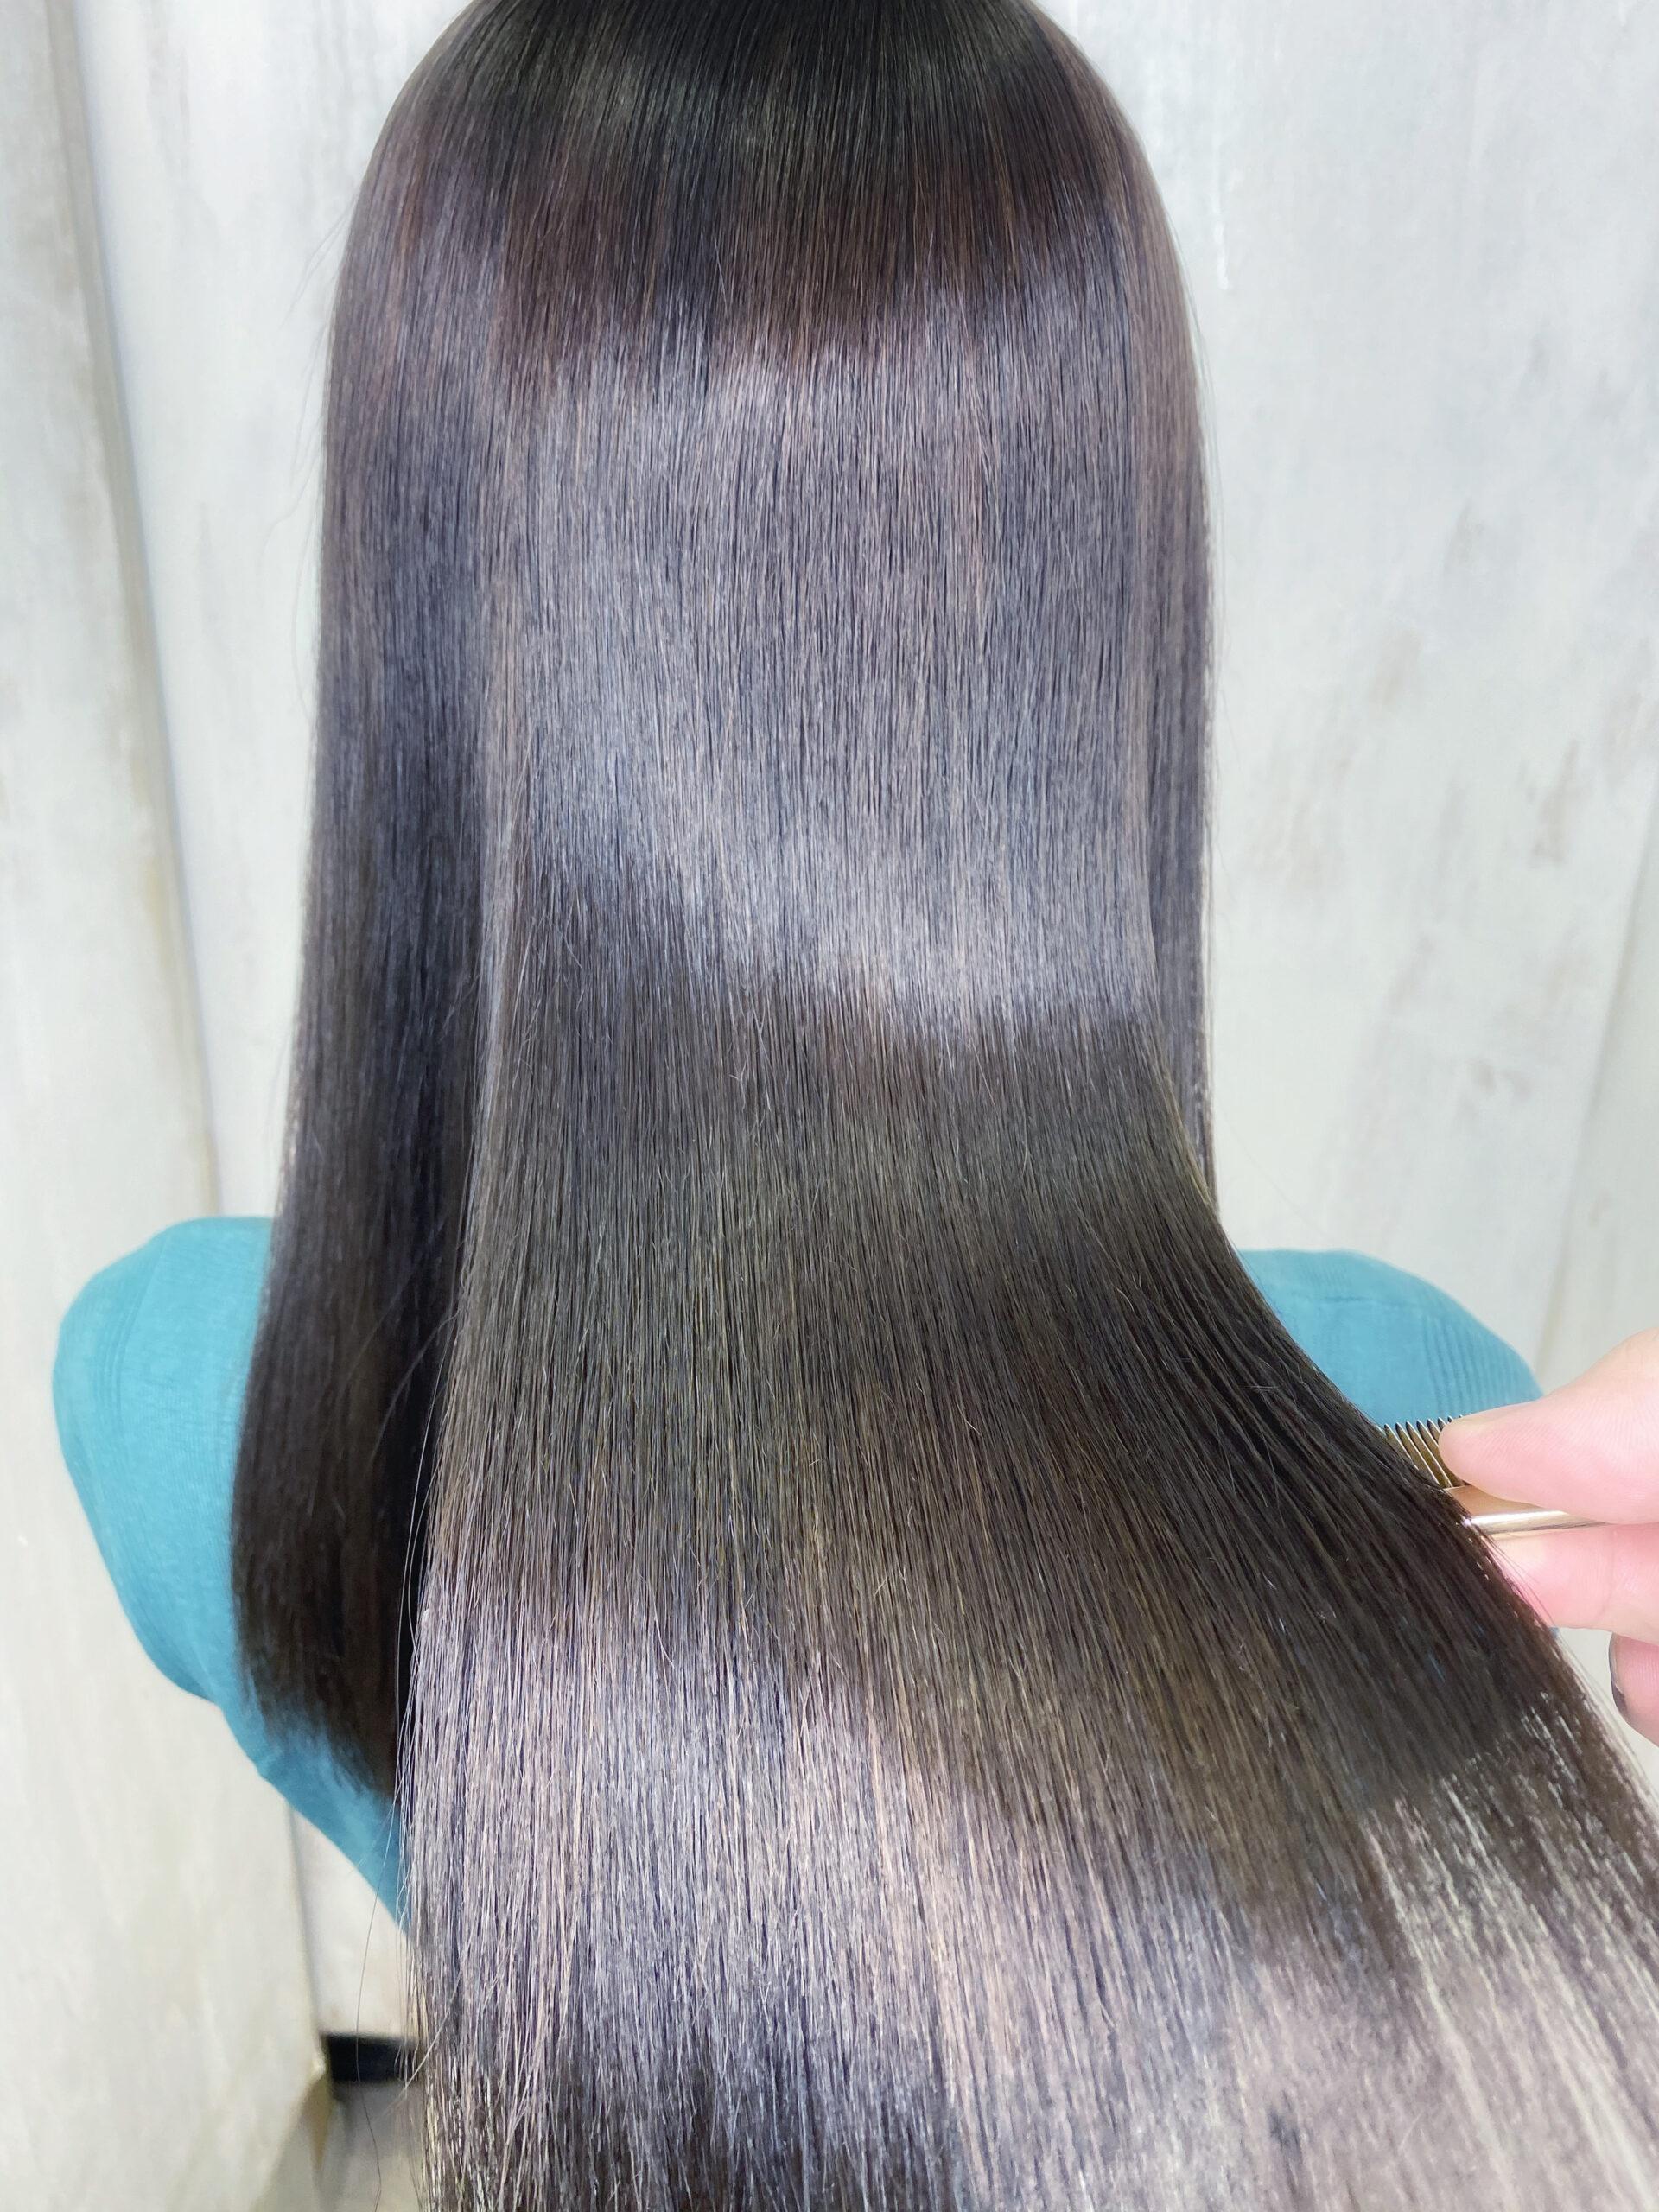 縮毛矯正履歴とハイライトカラーが入っている方を艶髪ストレートヘア。